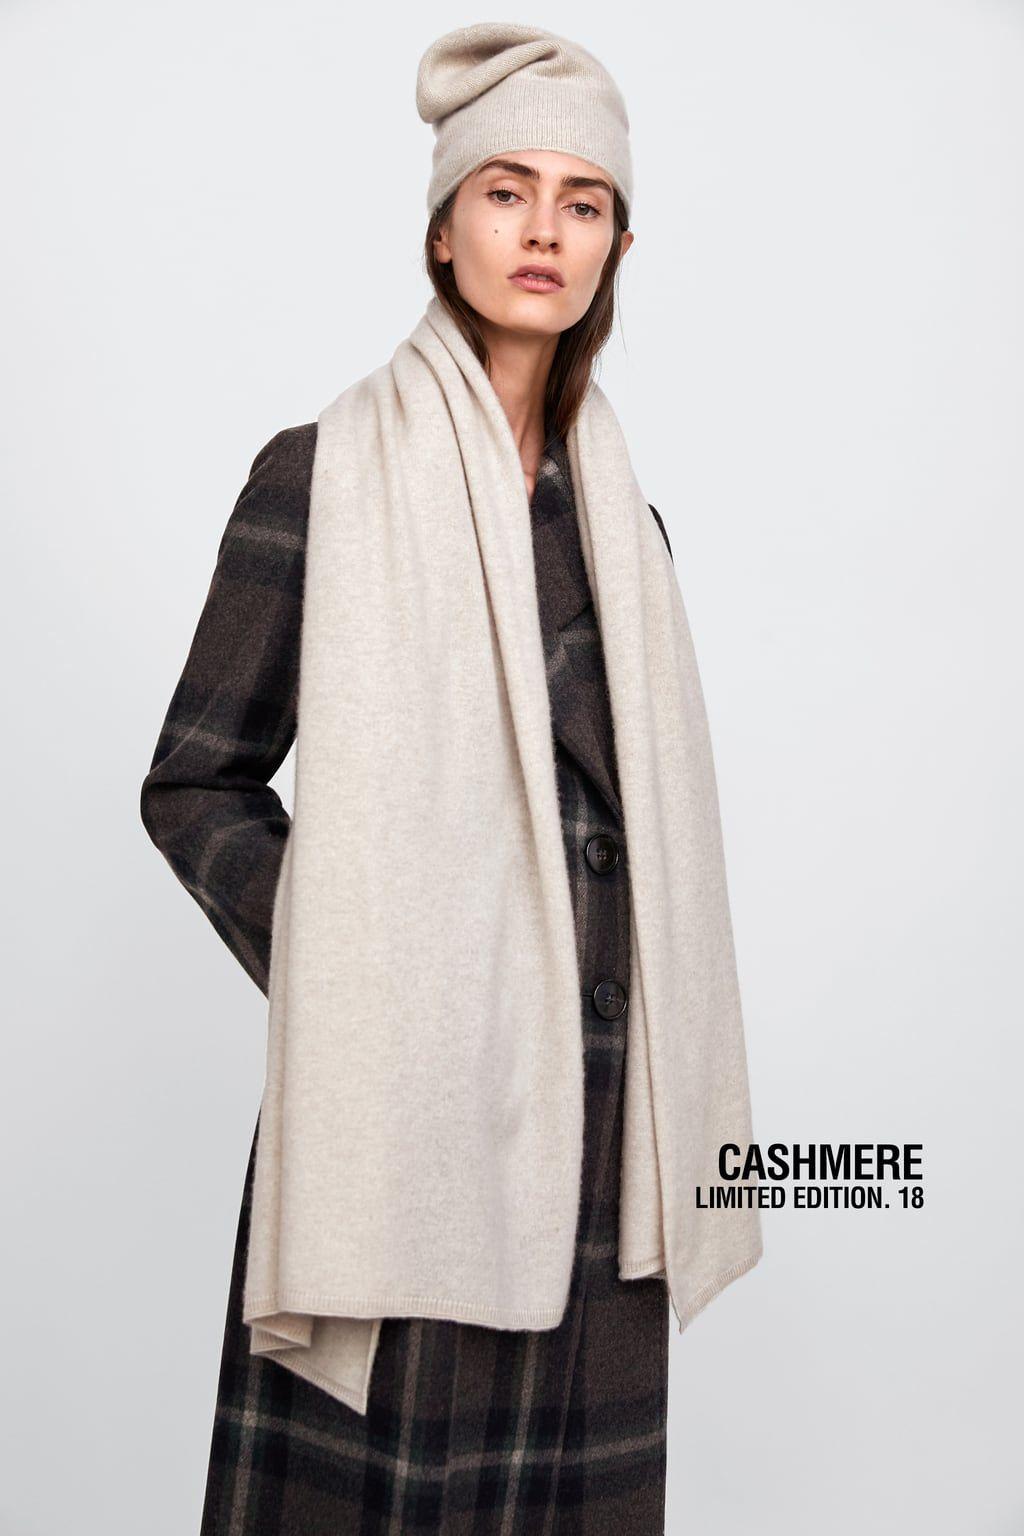 größter Rabatt klassische Schuhe suche nach neuestem Limited edition cashmere scarf | I <3 ZARA | Cashmere scarf ...